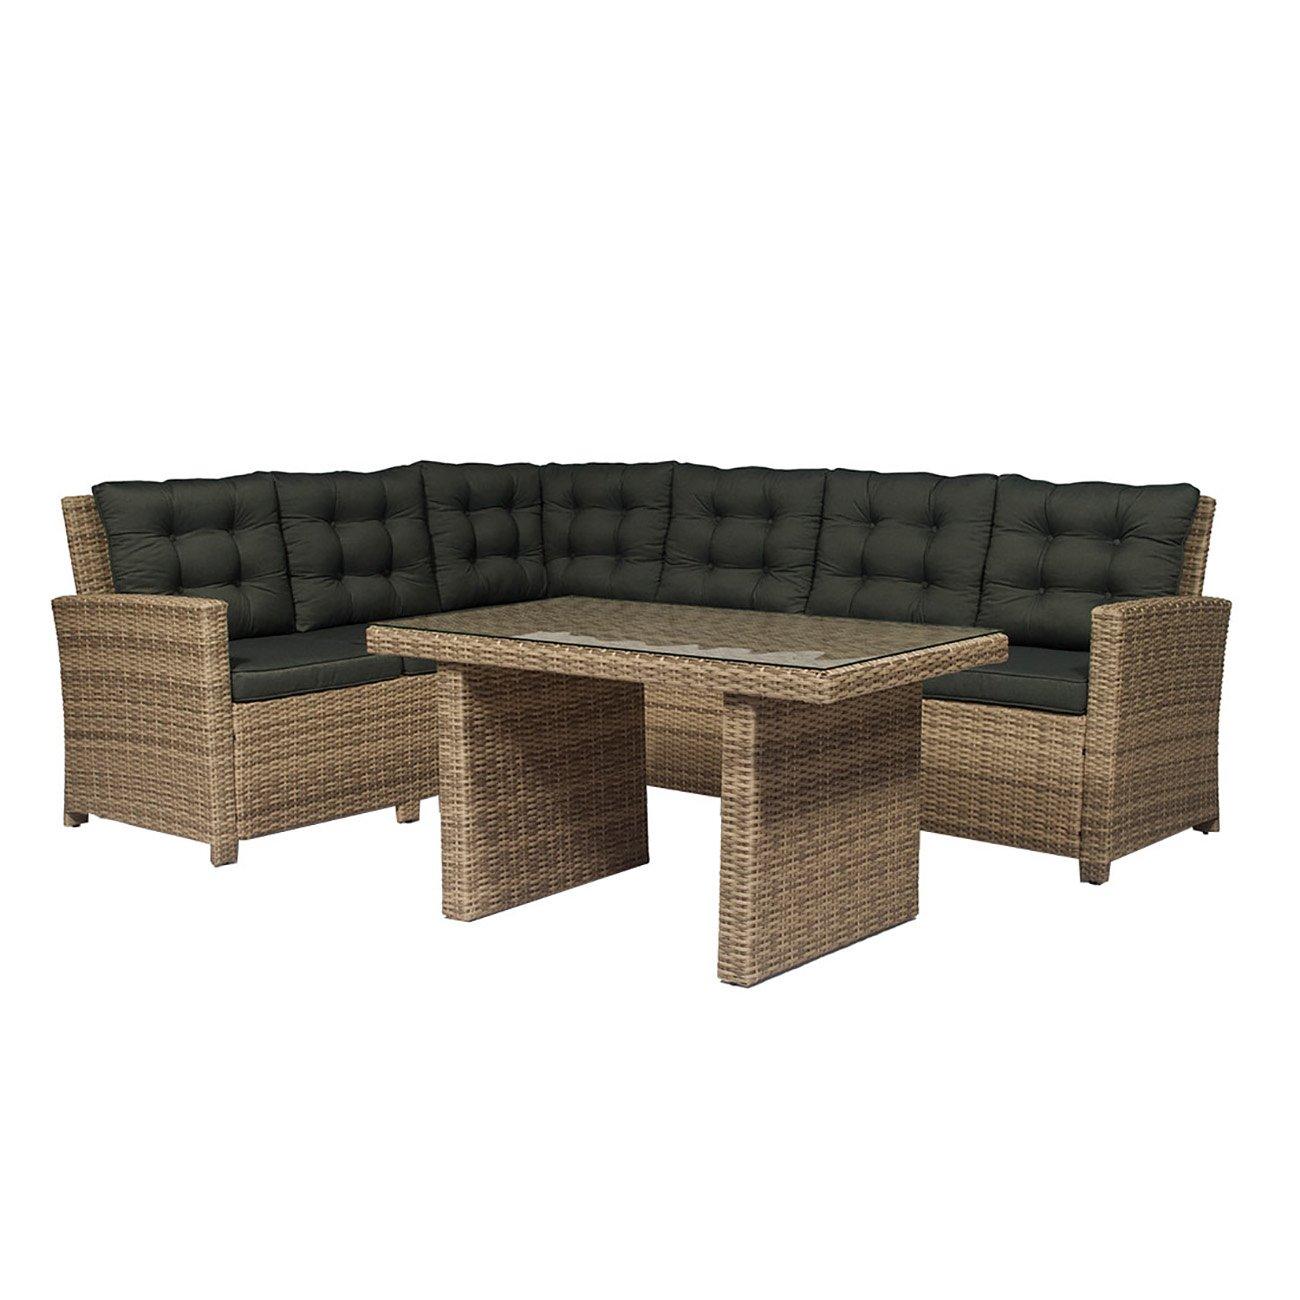 dining lounge set outliv stockholm essgruppe garten polyrattan anthrazit beige 3 teilig. Black Bedroom Furniture Sets. Home Design Ideas